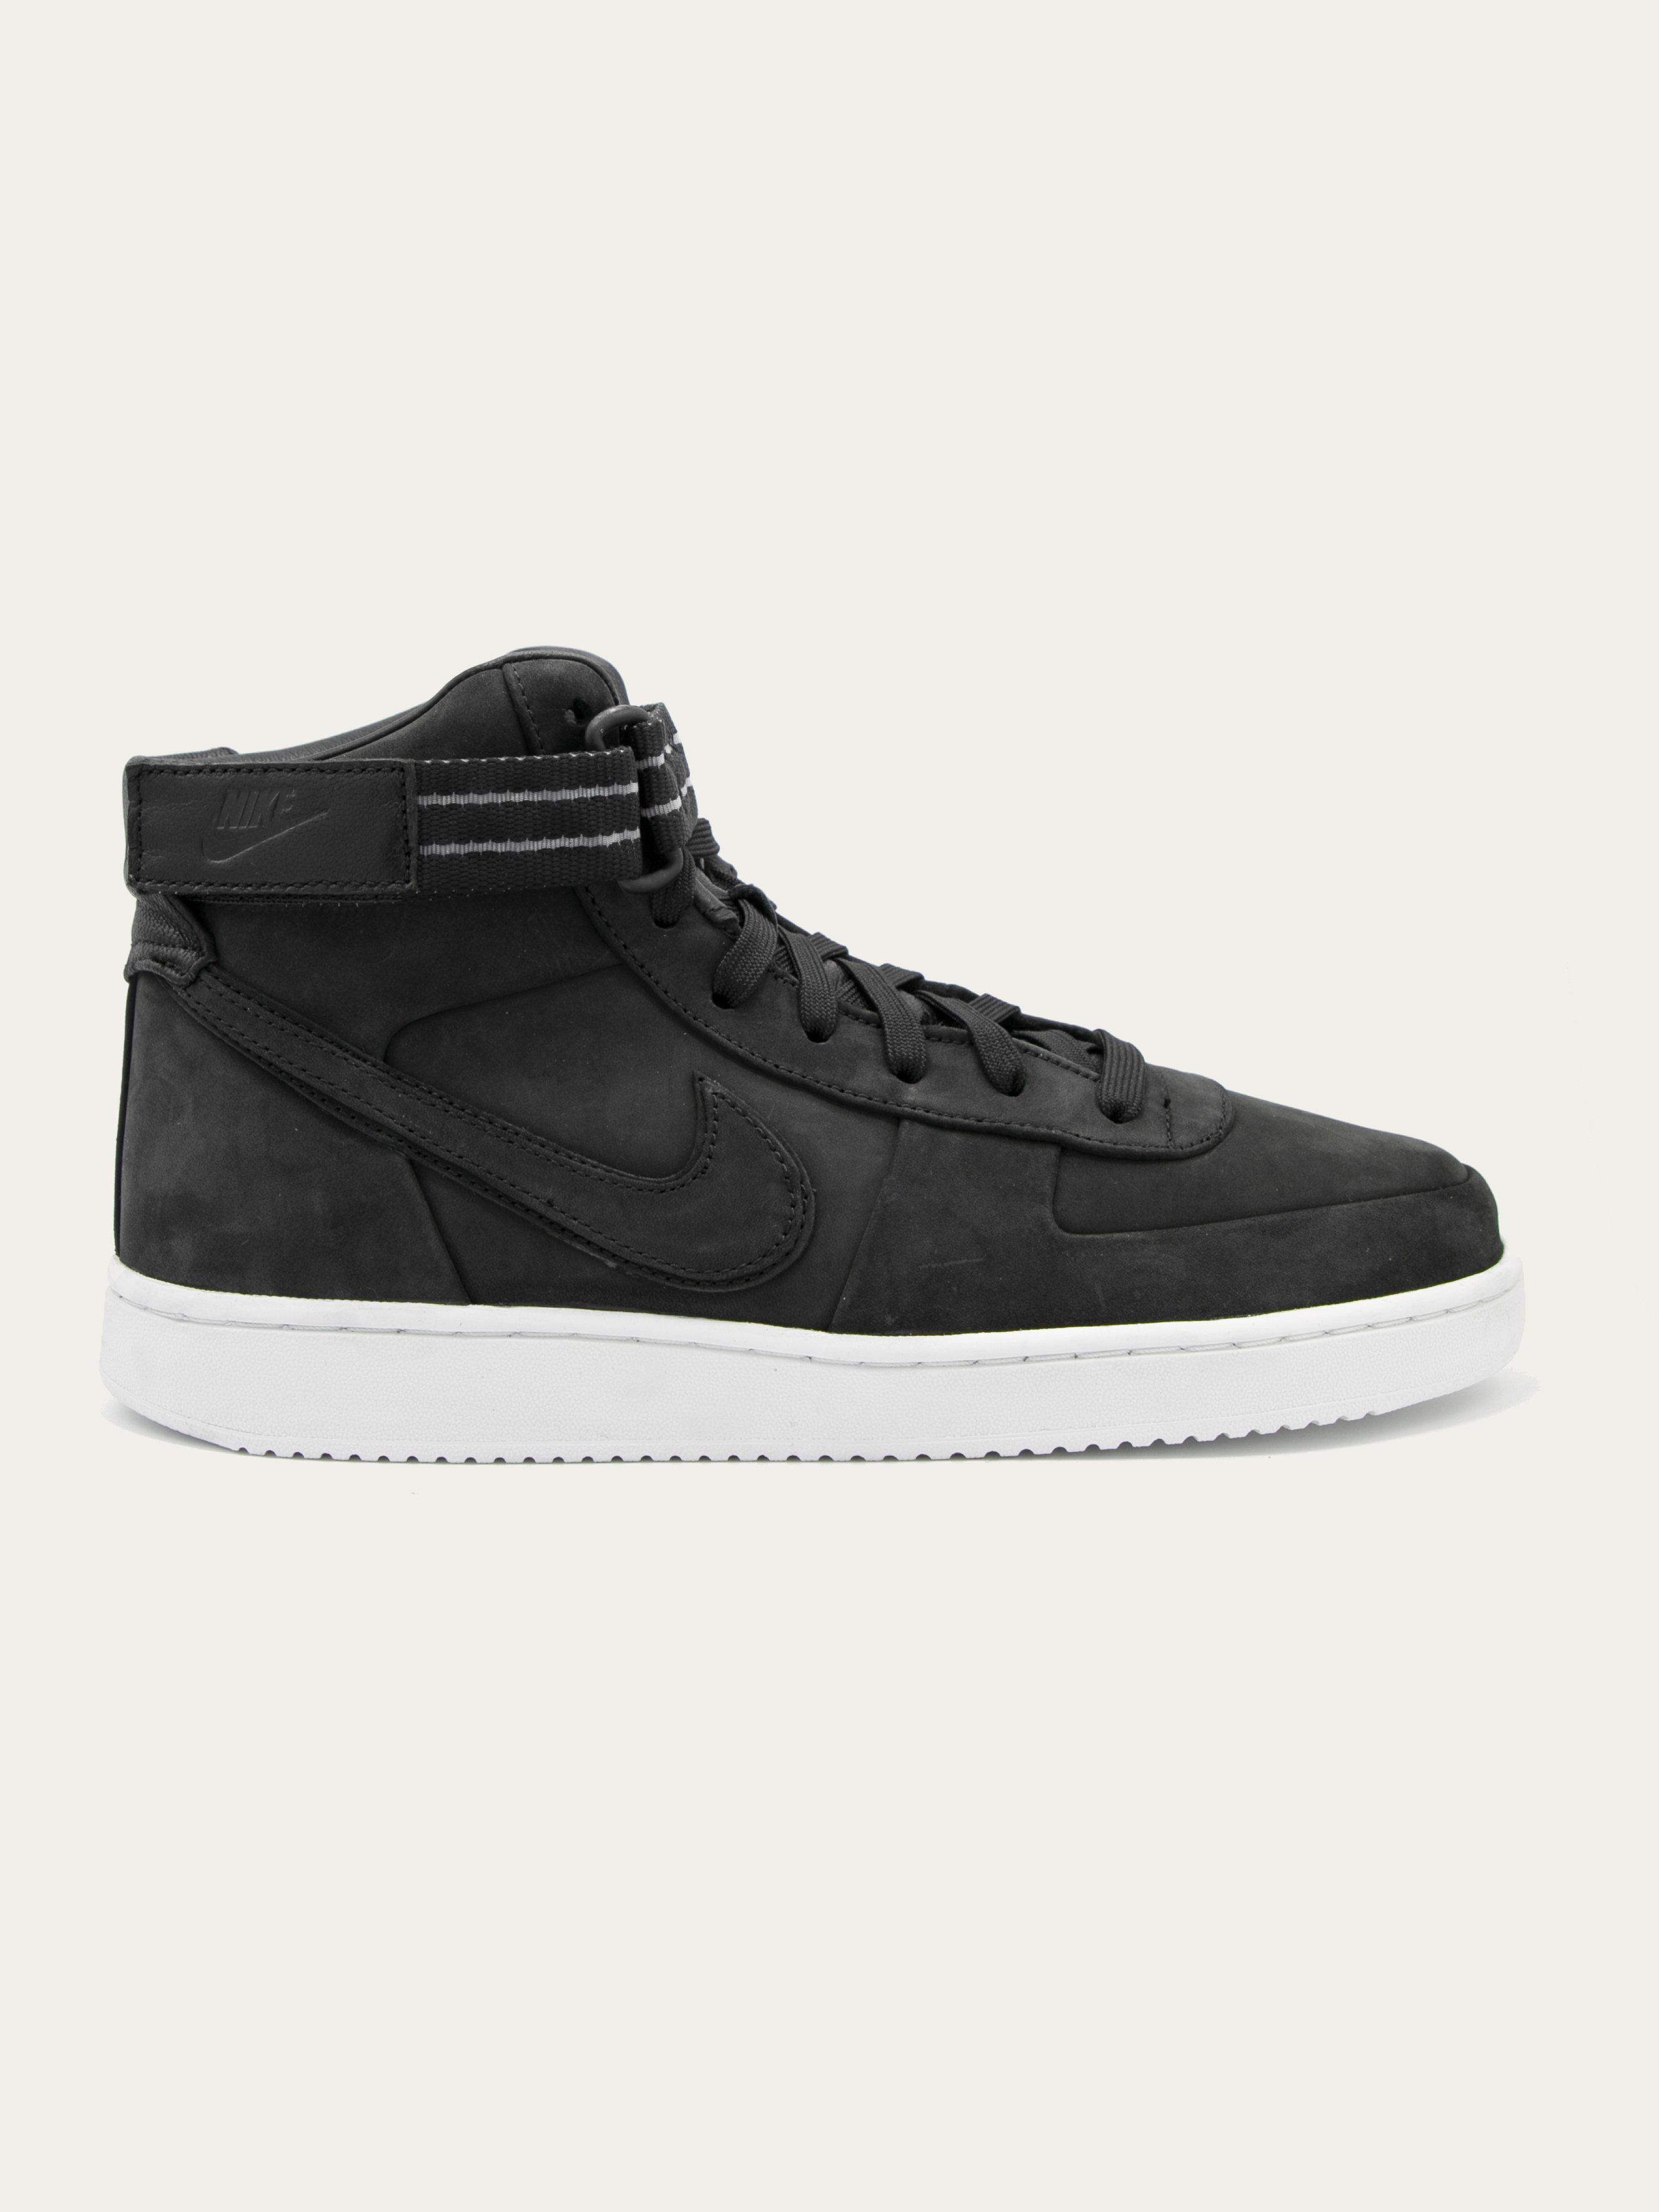 6352c1fa0e4d Lyst - Nike Vandal High Premium John Elliott Qs in Black for Men